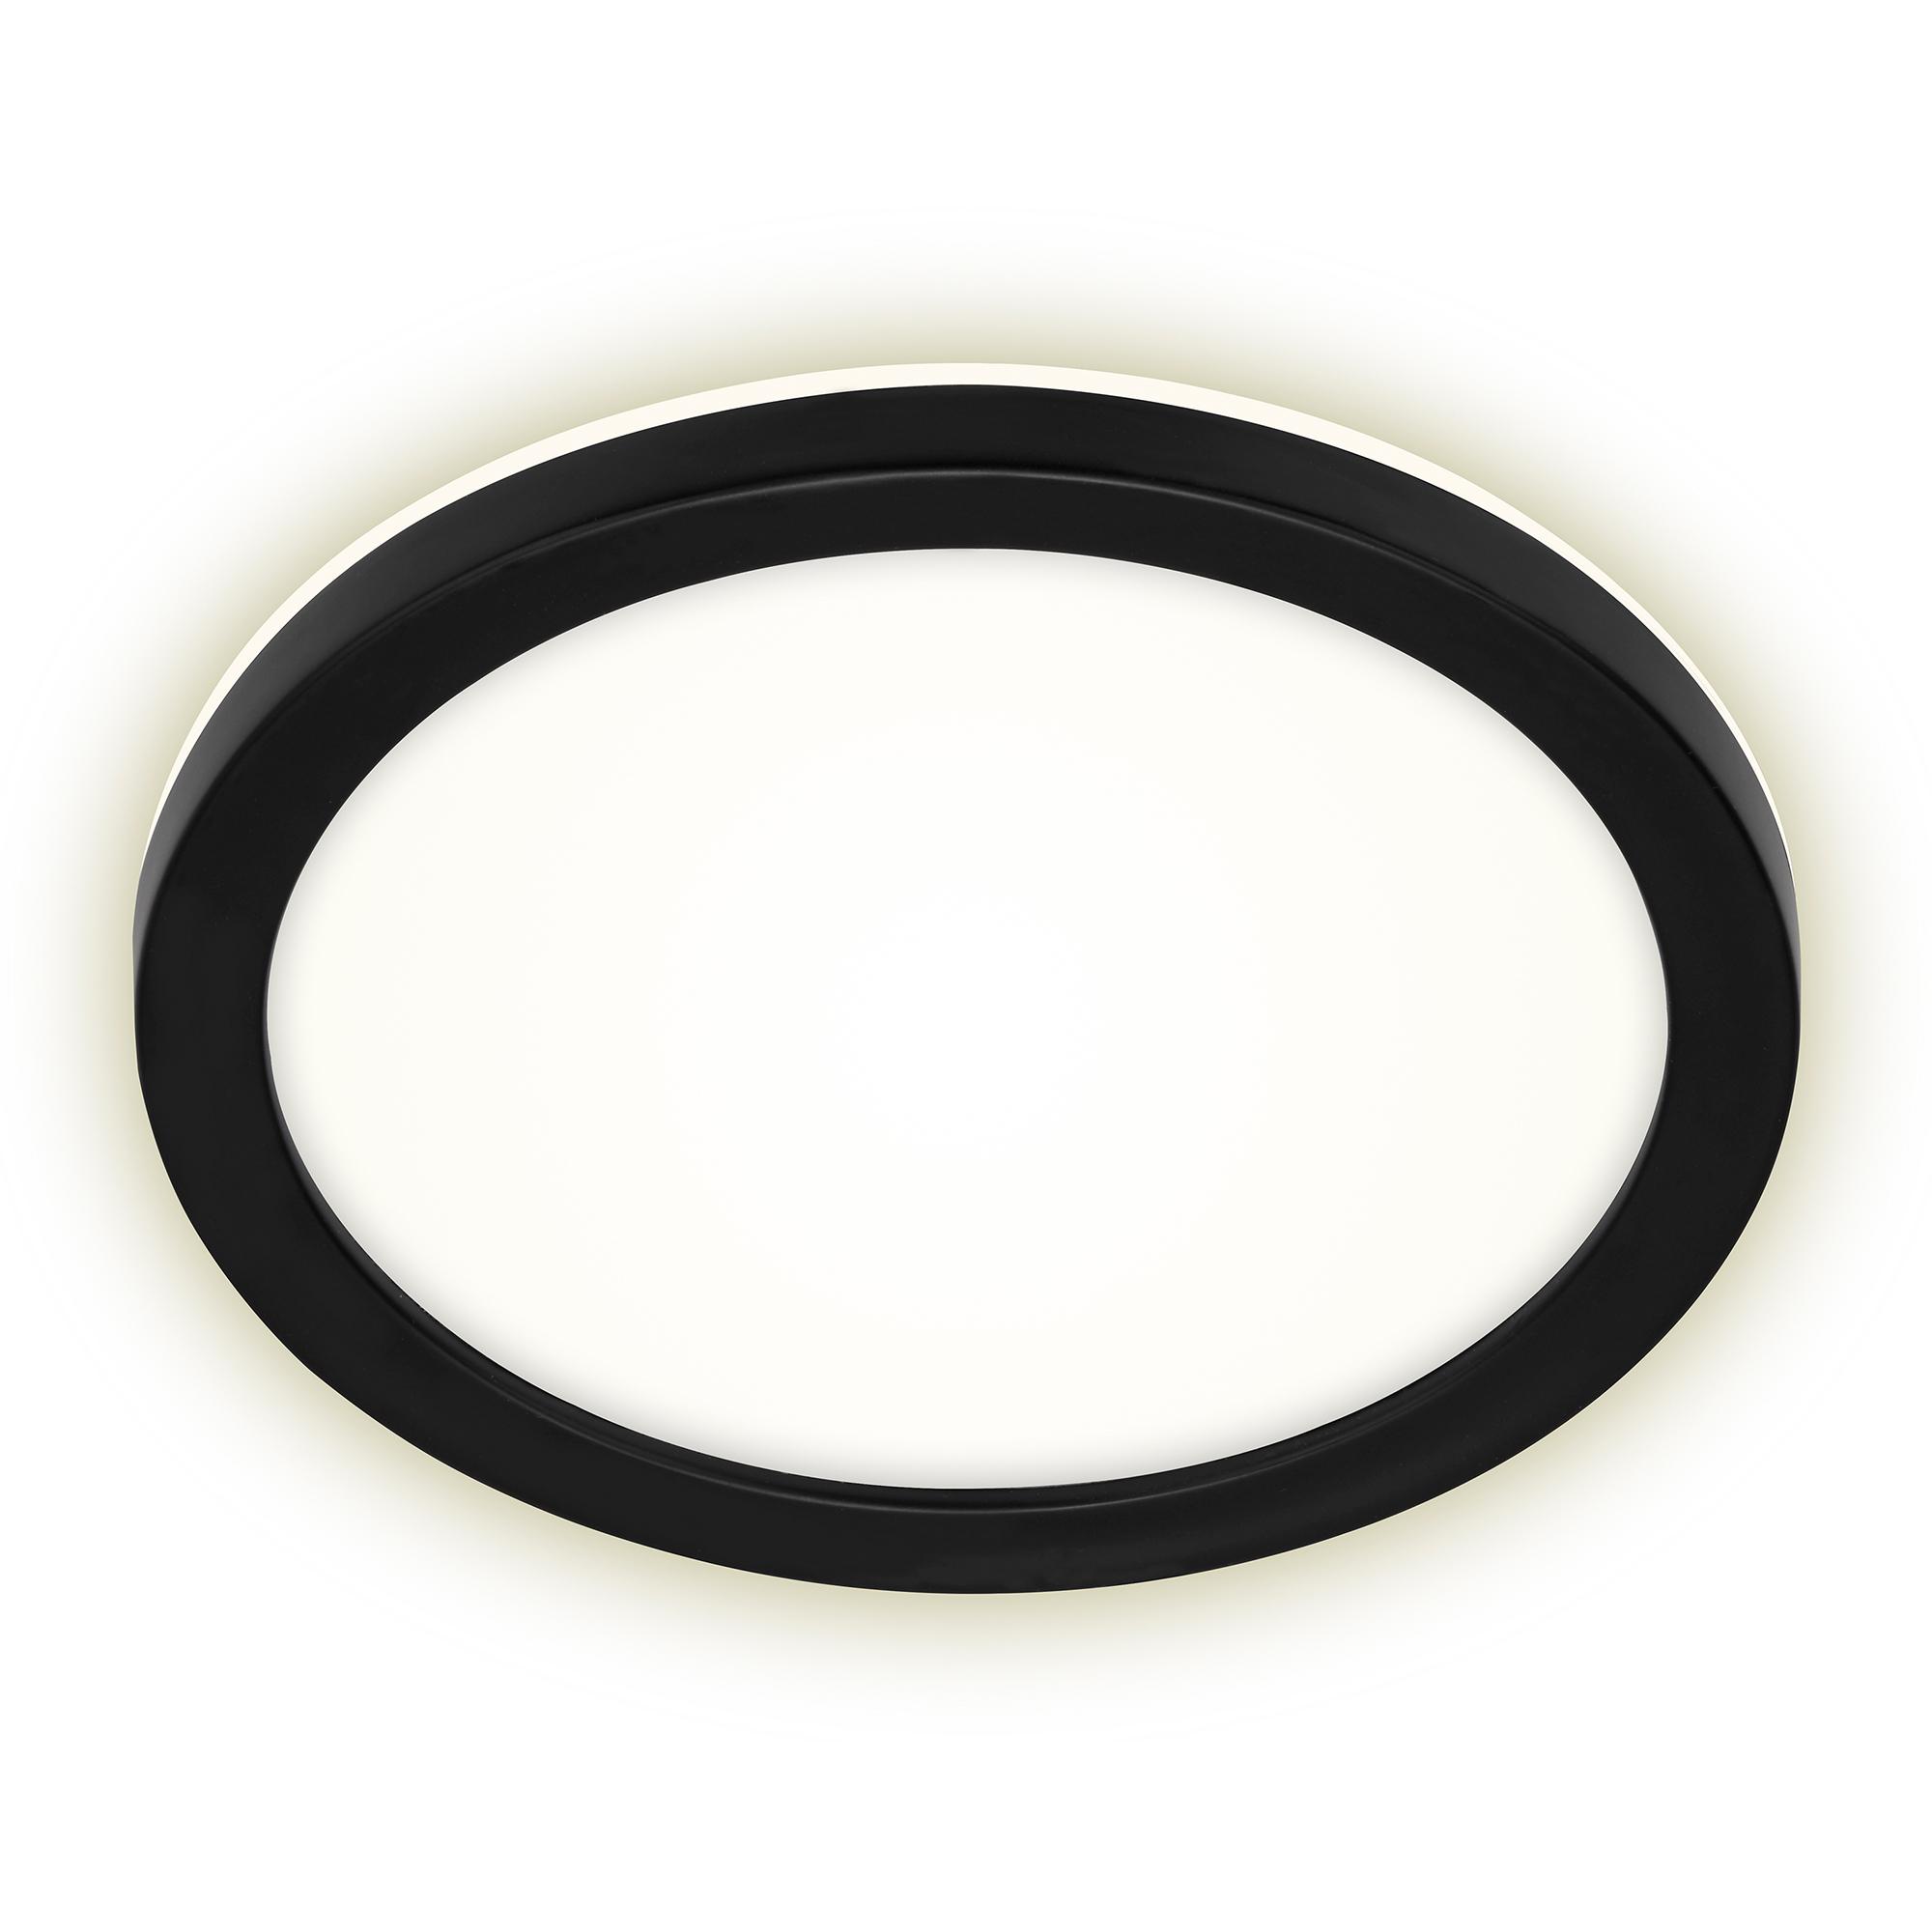 LED Aussenleuchte, Ø 21 cm, 8 W, Schwarz